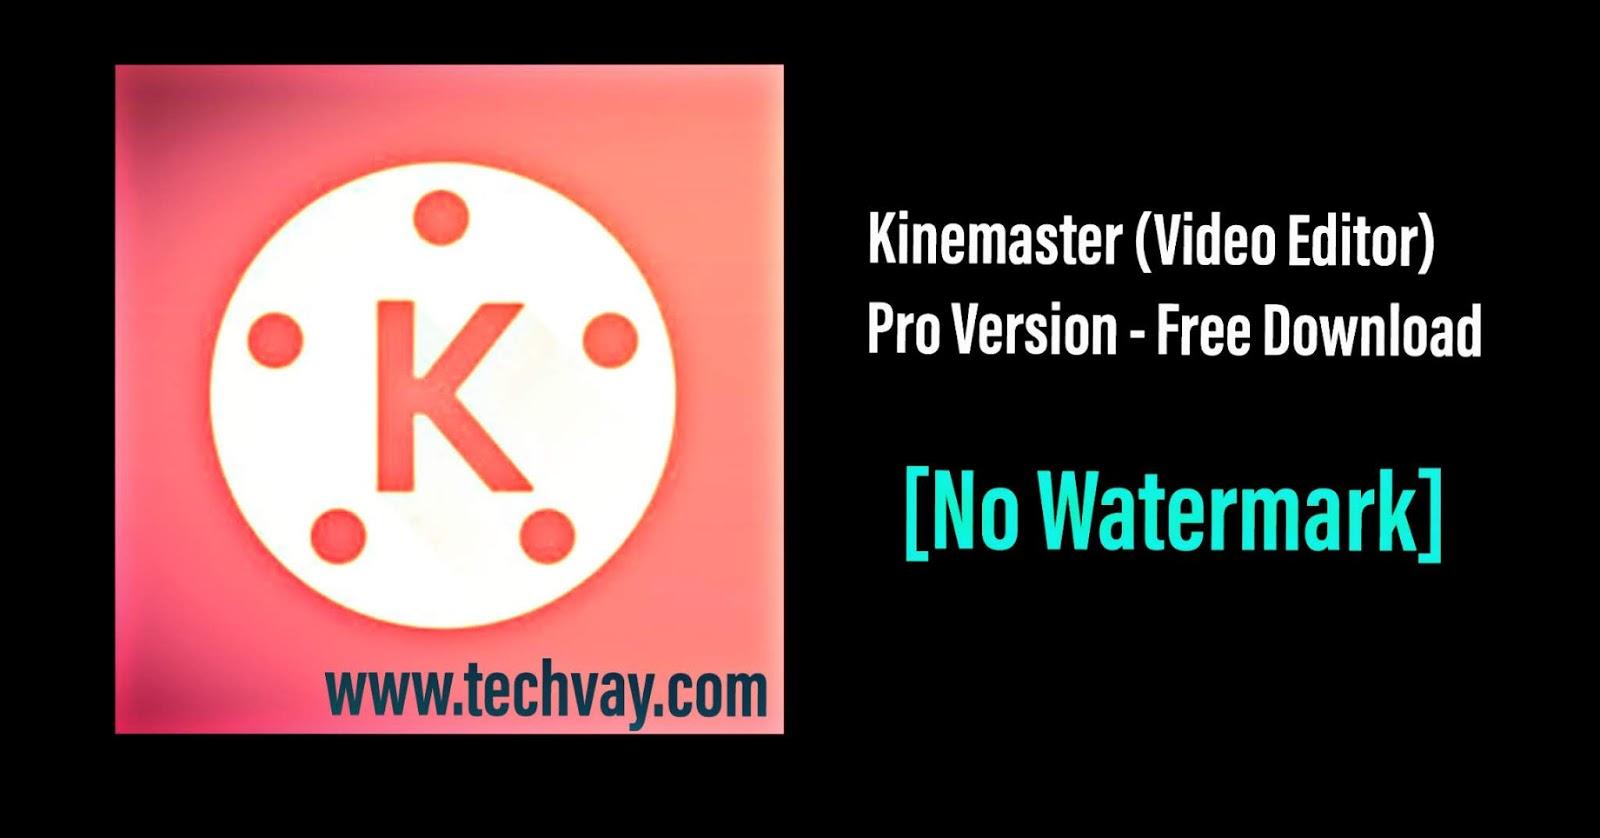 Kinemaster Pro Version (No Watermark) Apk - Free Download